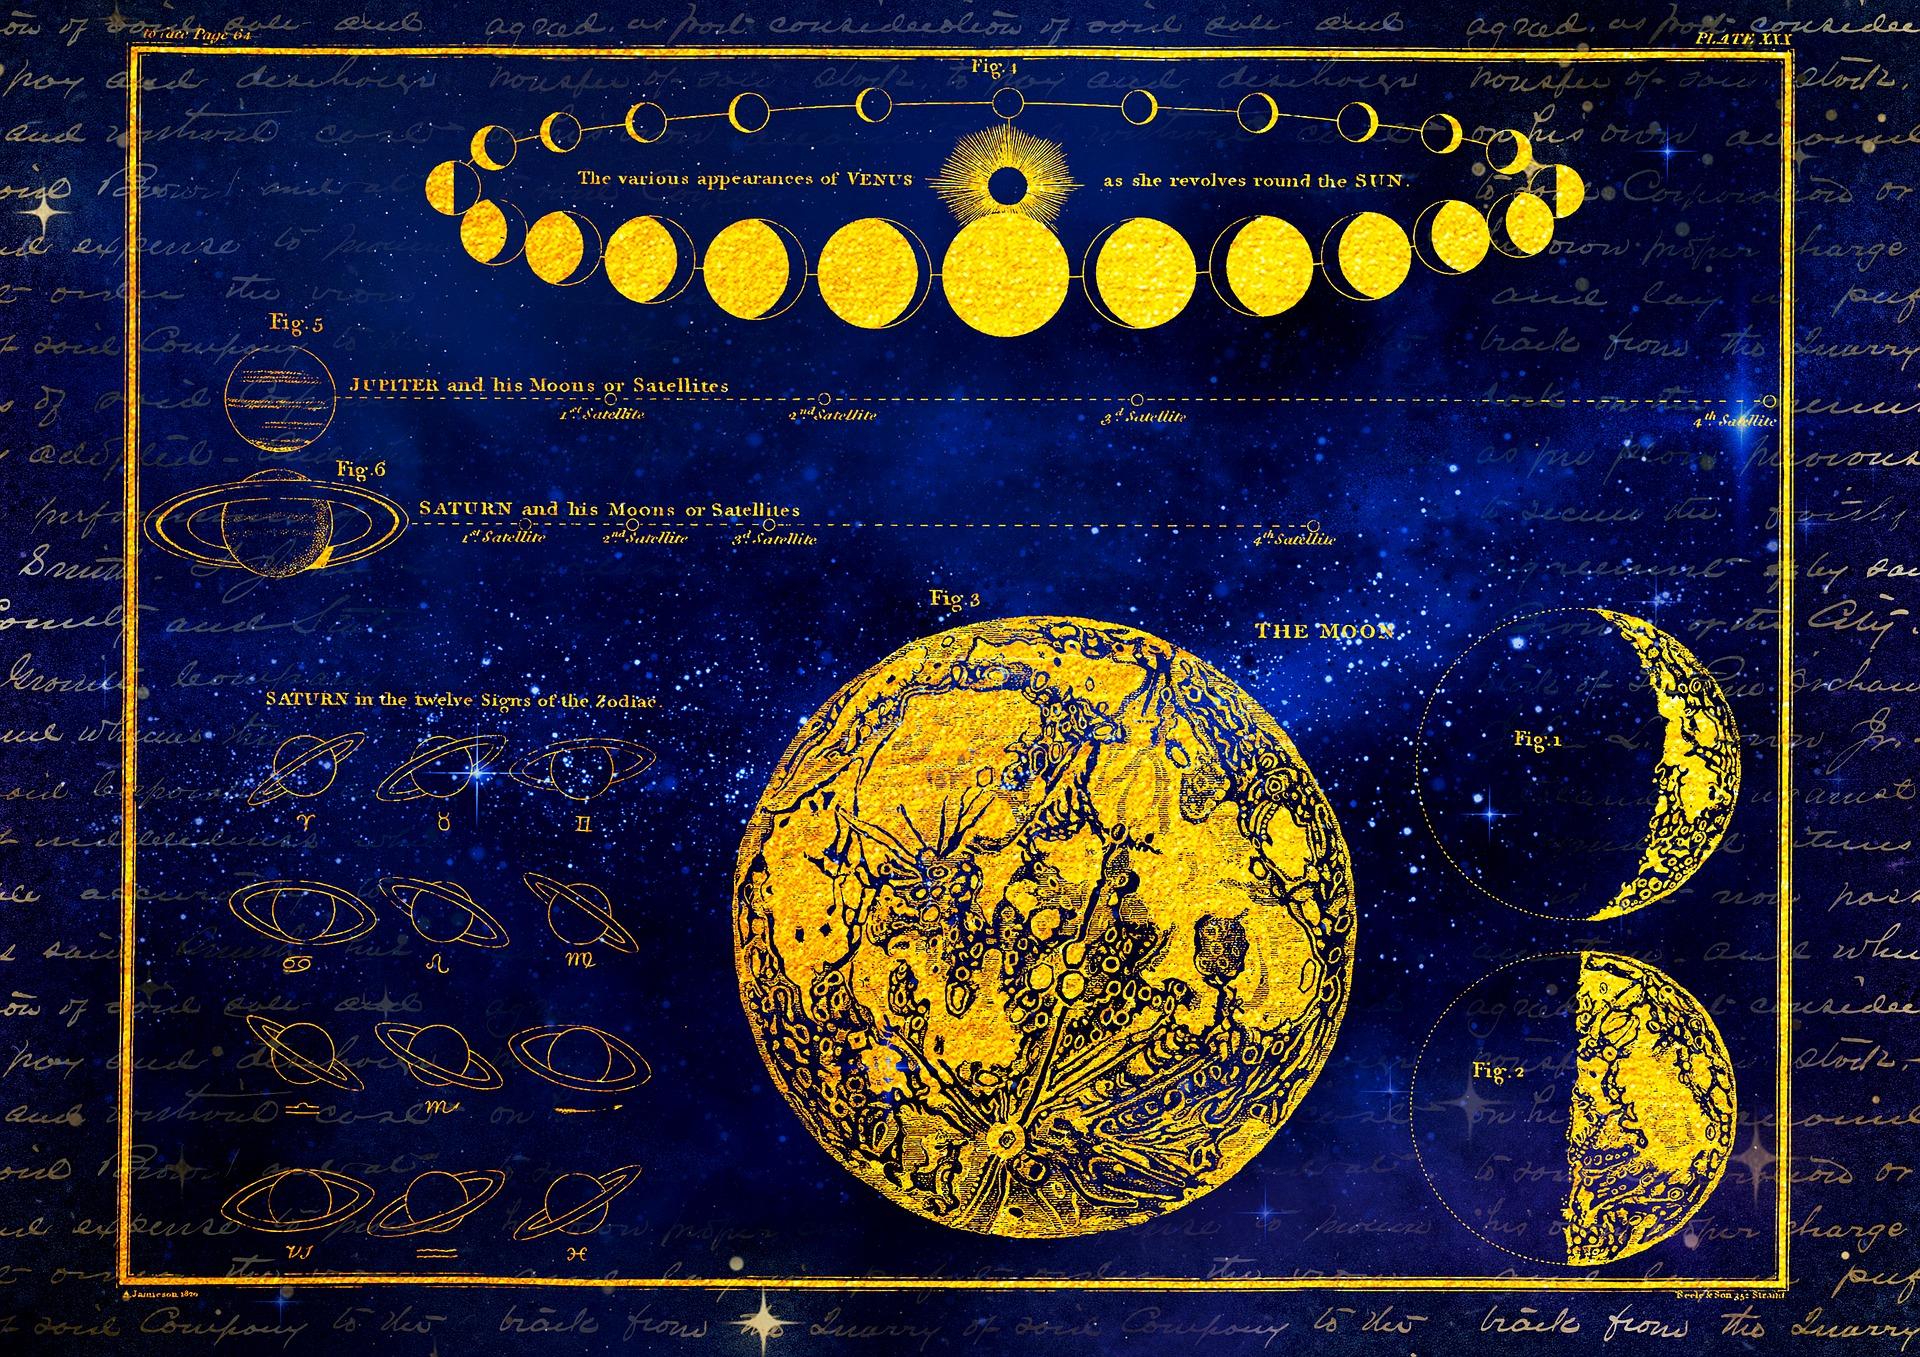 Les aspects Saturne / Lune dans le thème natal